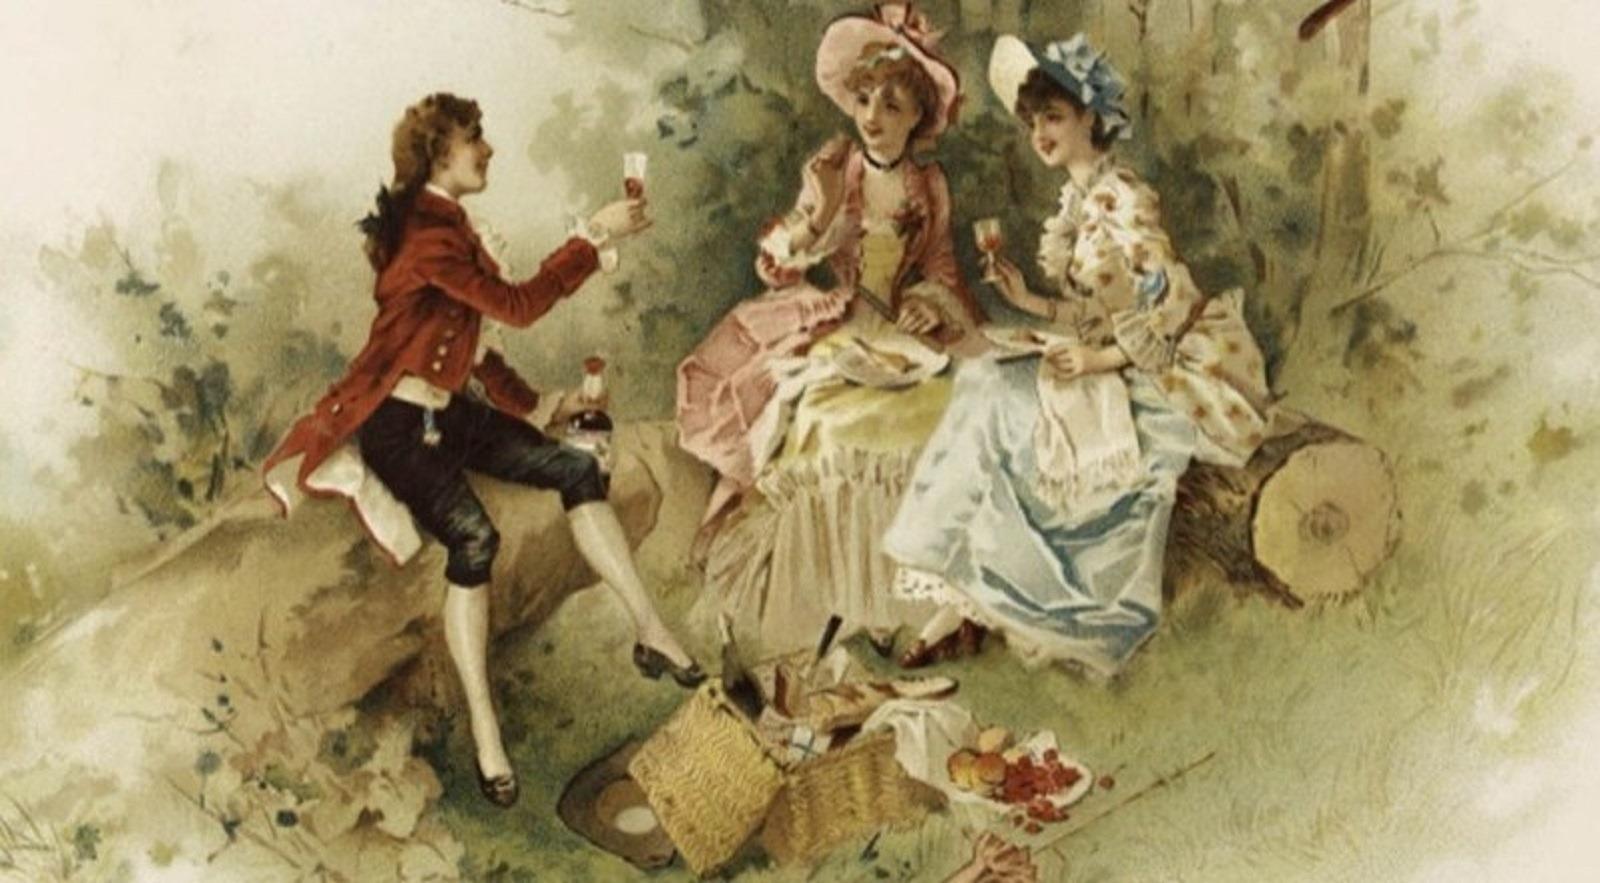 L'apéritif de médical à convivial : les origines de la tradition